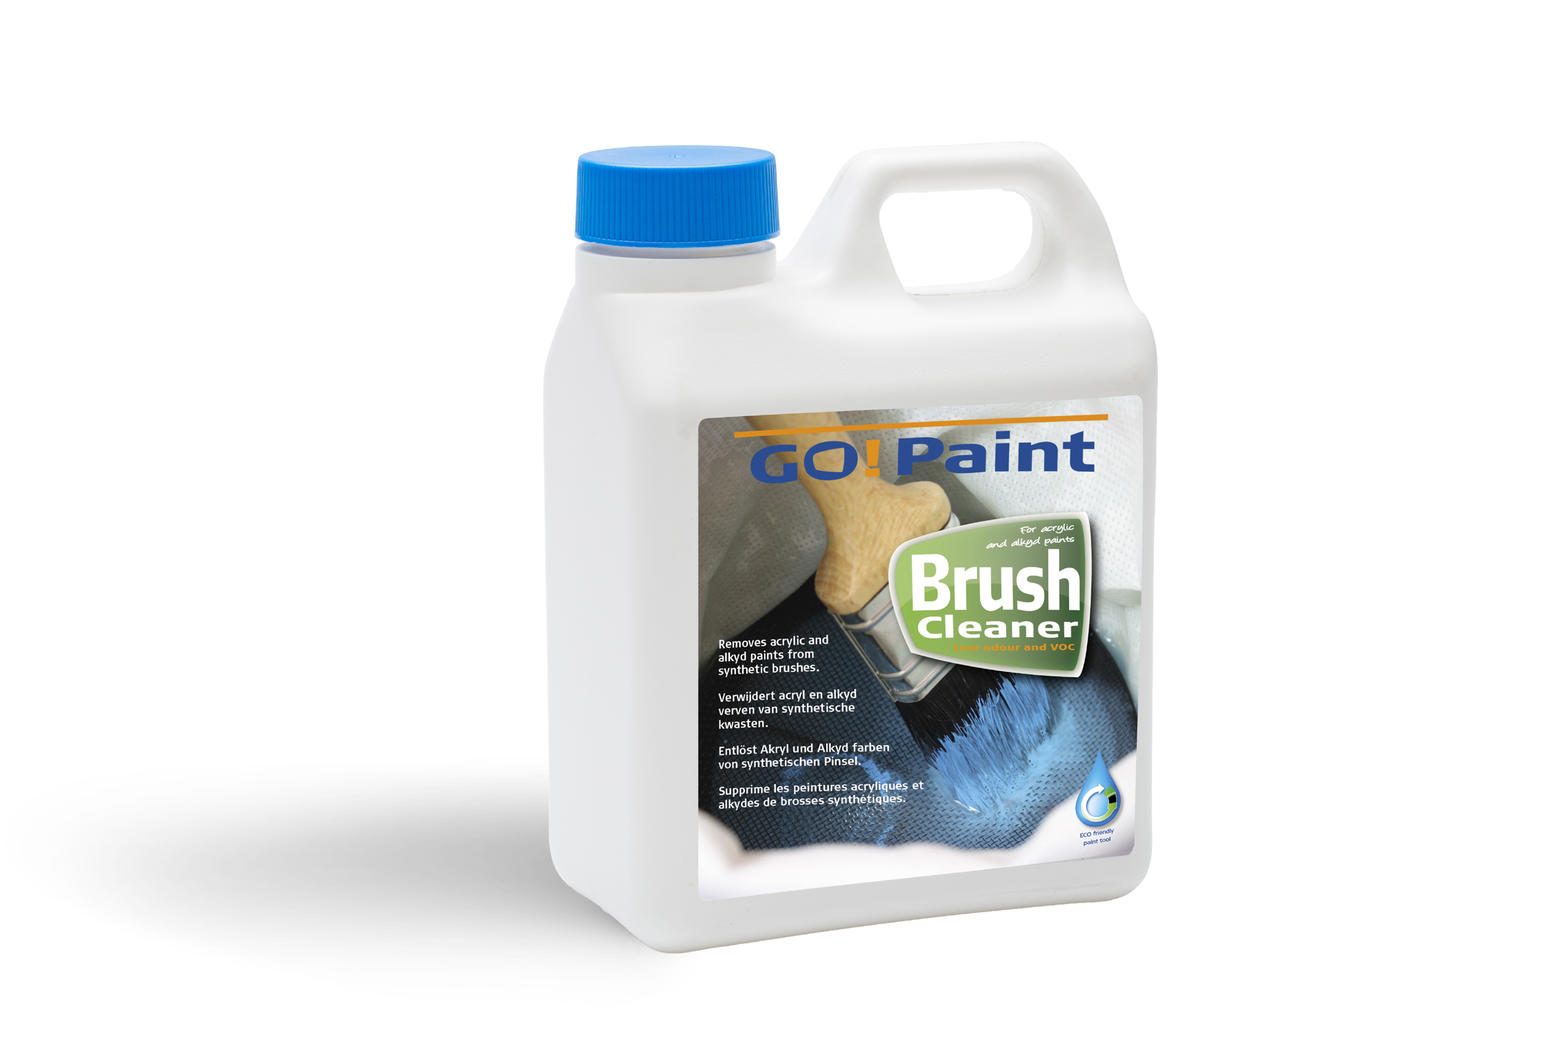 Go!Paint BrushCleaner: het milieuvriendelijke alternatief voor terpentine en water voor het reinigen van verfborstels